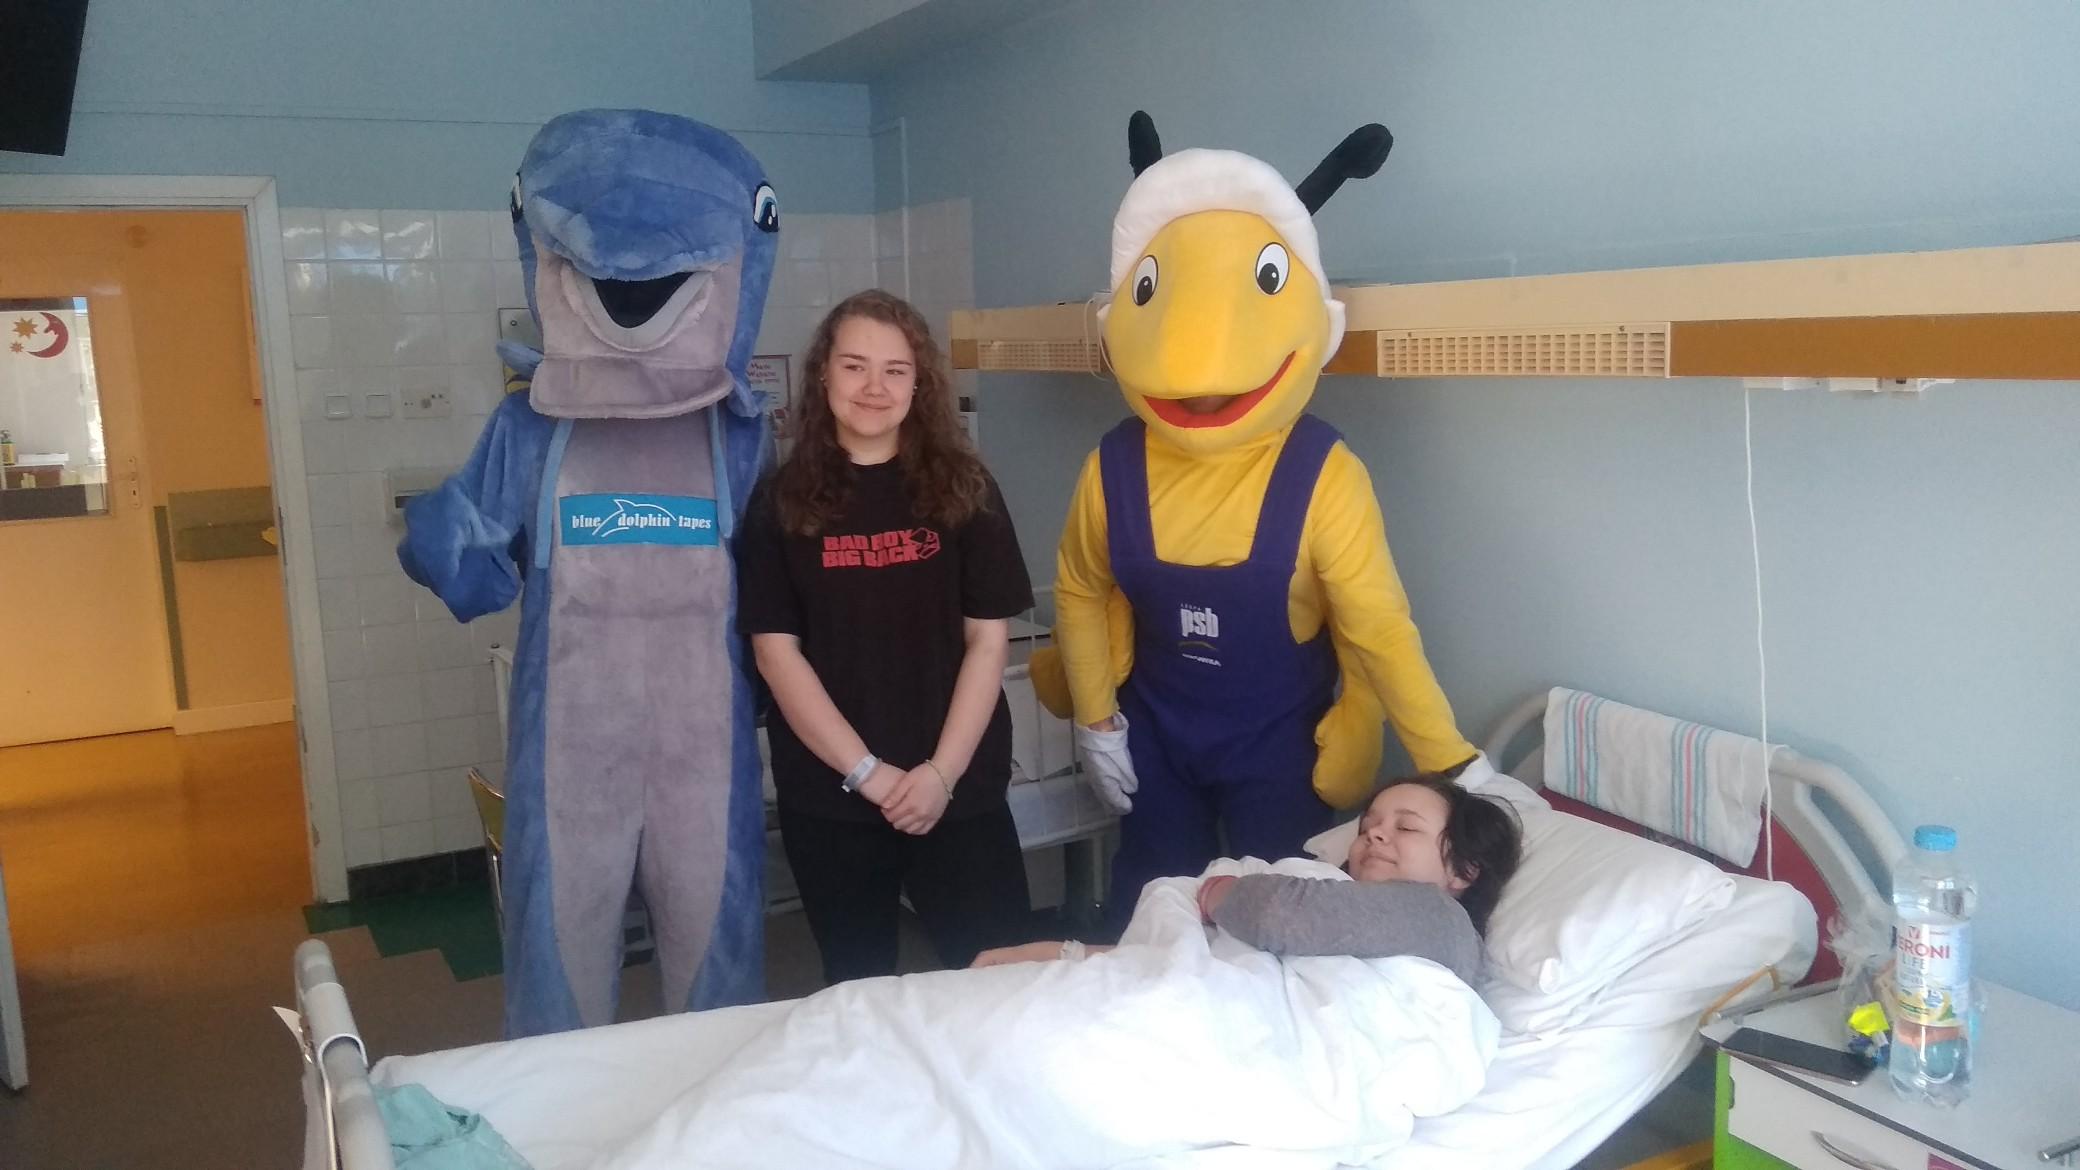 mrowka-z-pily-odwiedzila-dzieci-w-szpitalu